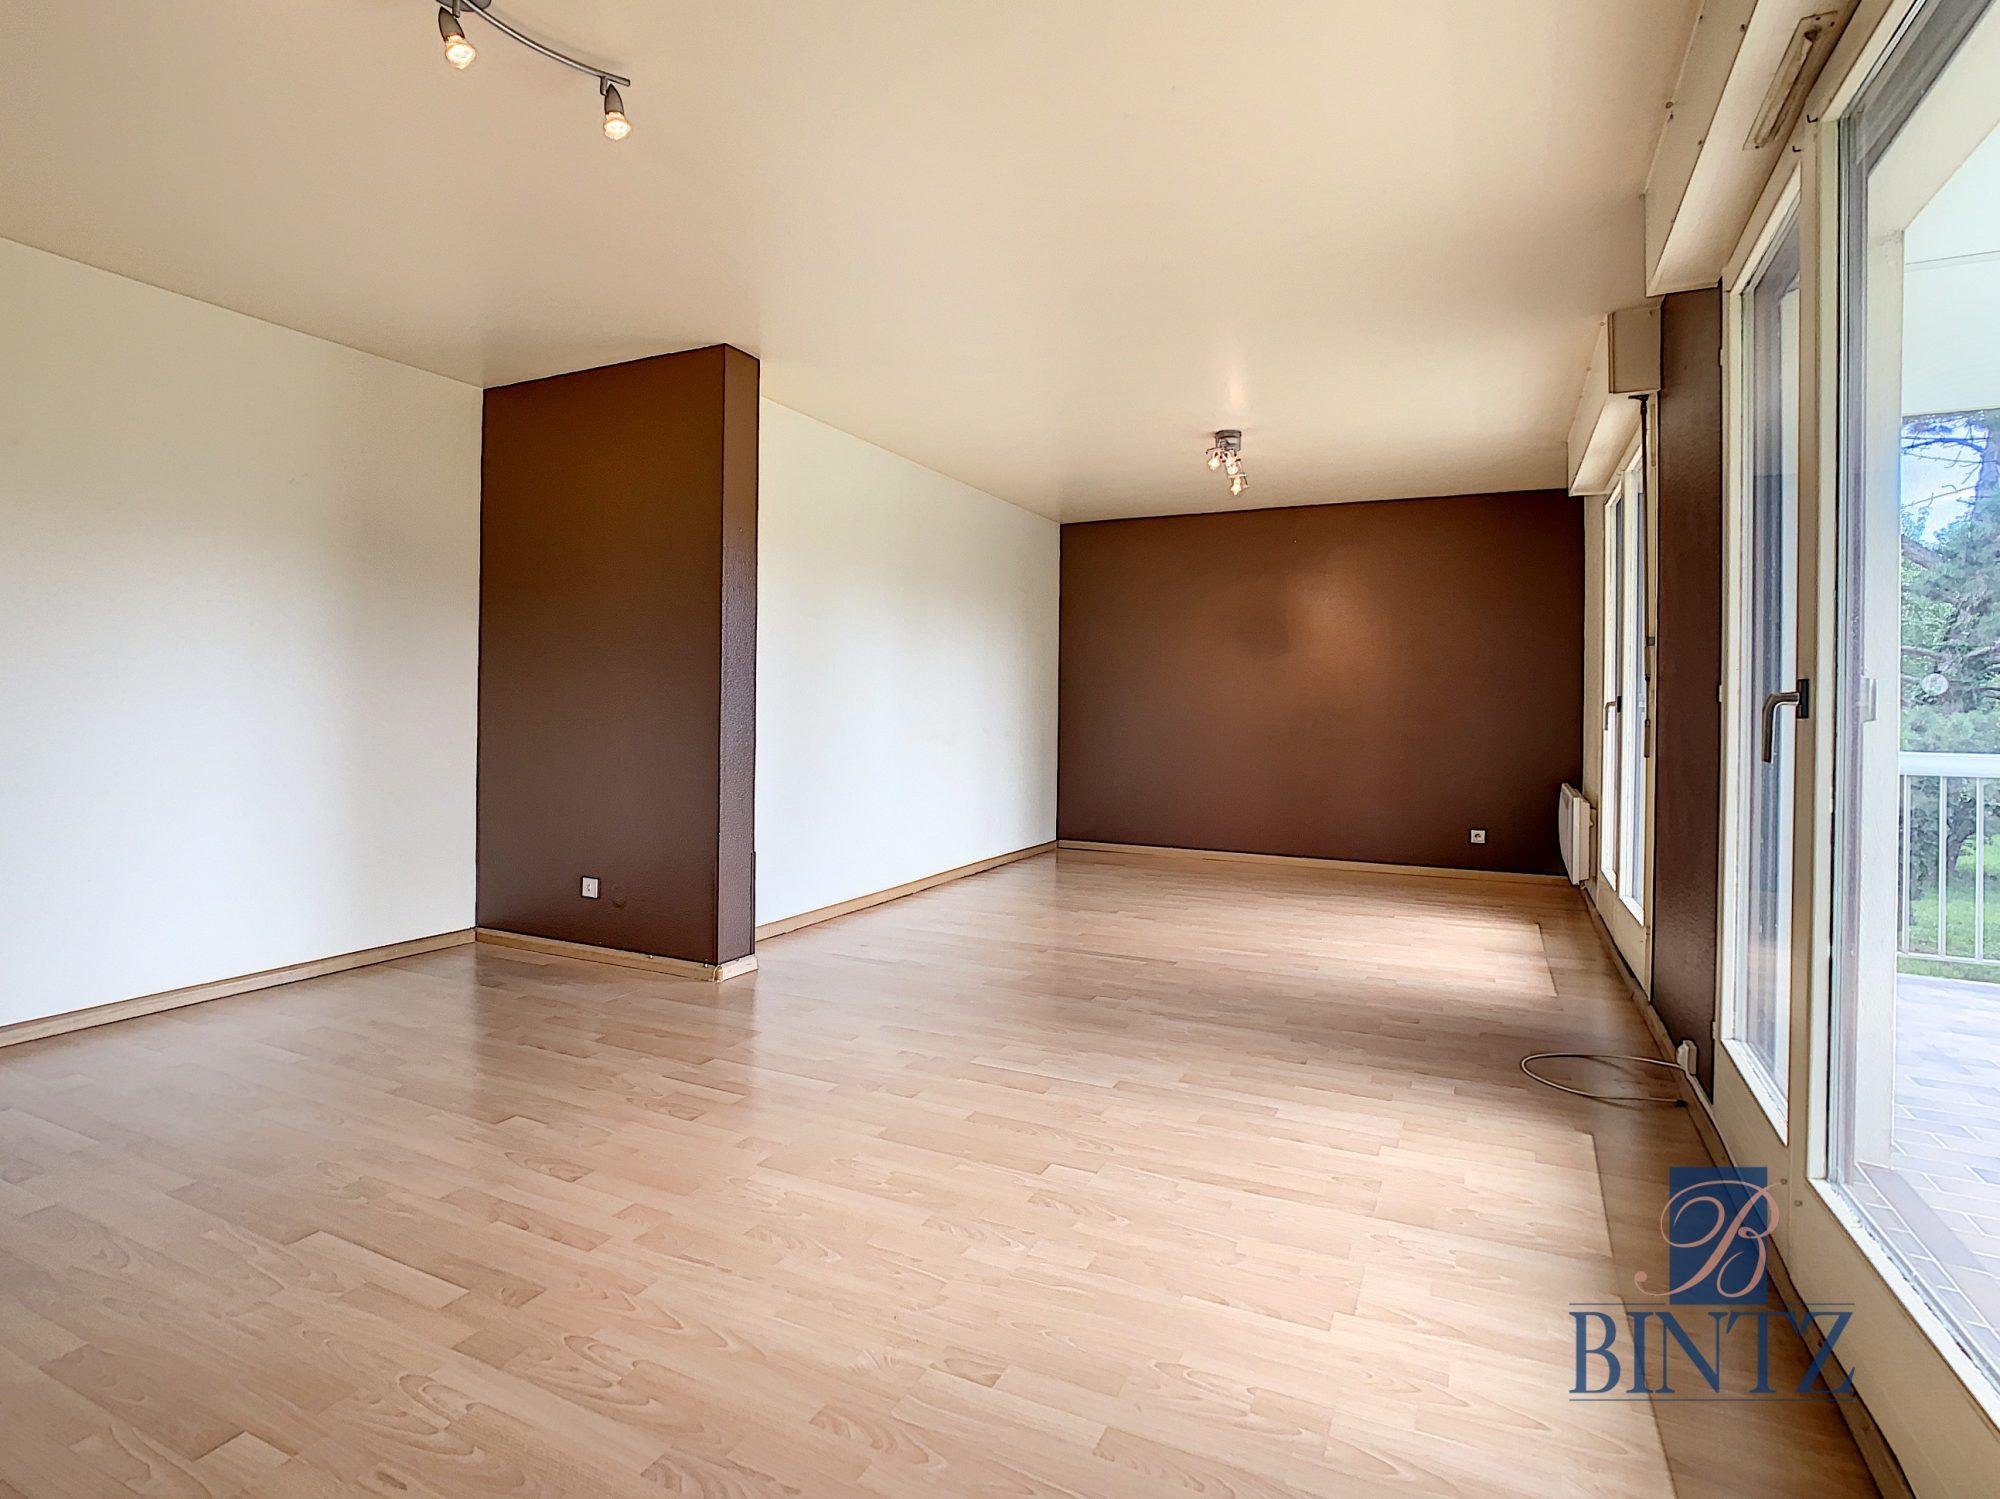 Appartement traversant 4 pièces 97,5m2 à Oberhausbergen - Devenez propriétaire en toute confiance - Bintz Immobilier - 4